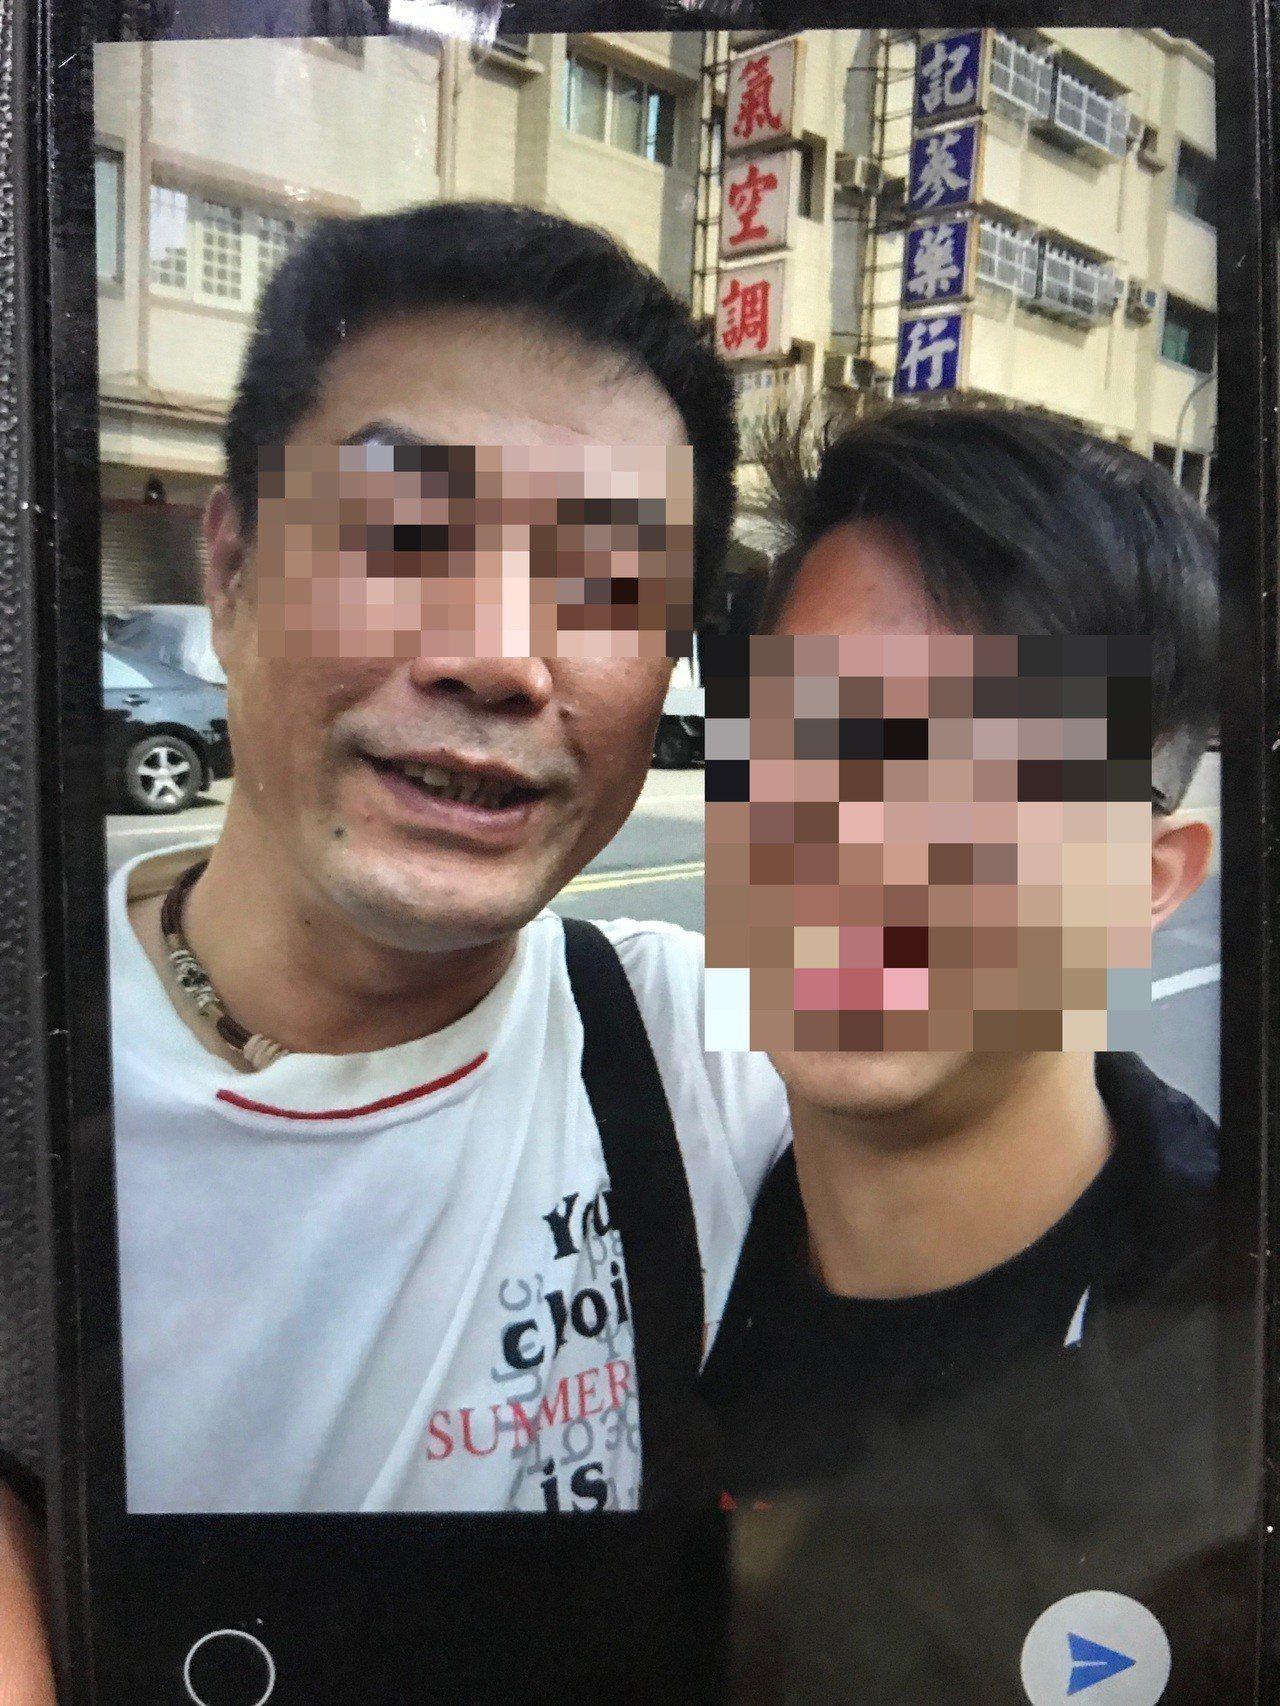 欒姓高三生(右)不幸遭林姓男子酒駕撞死。記者林伯驊/翻攝